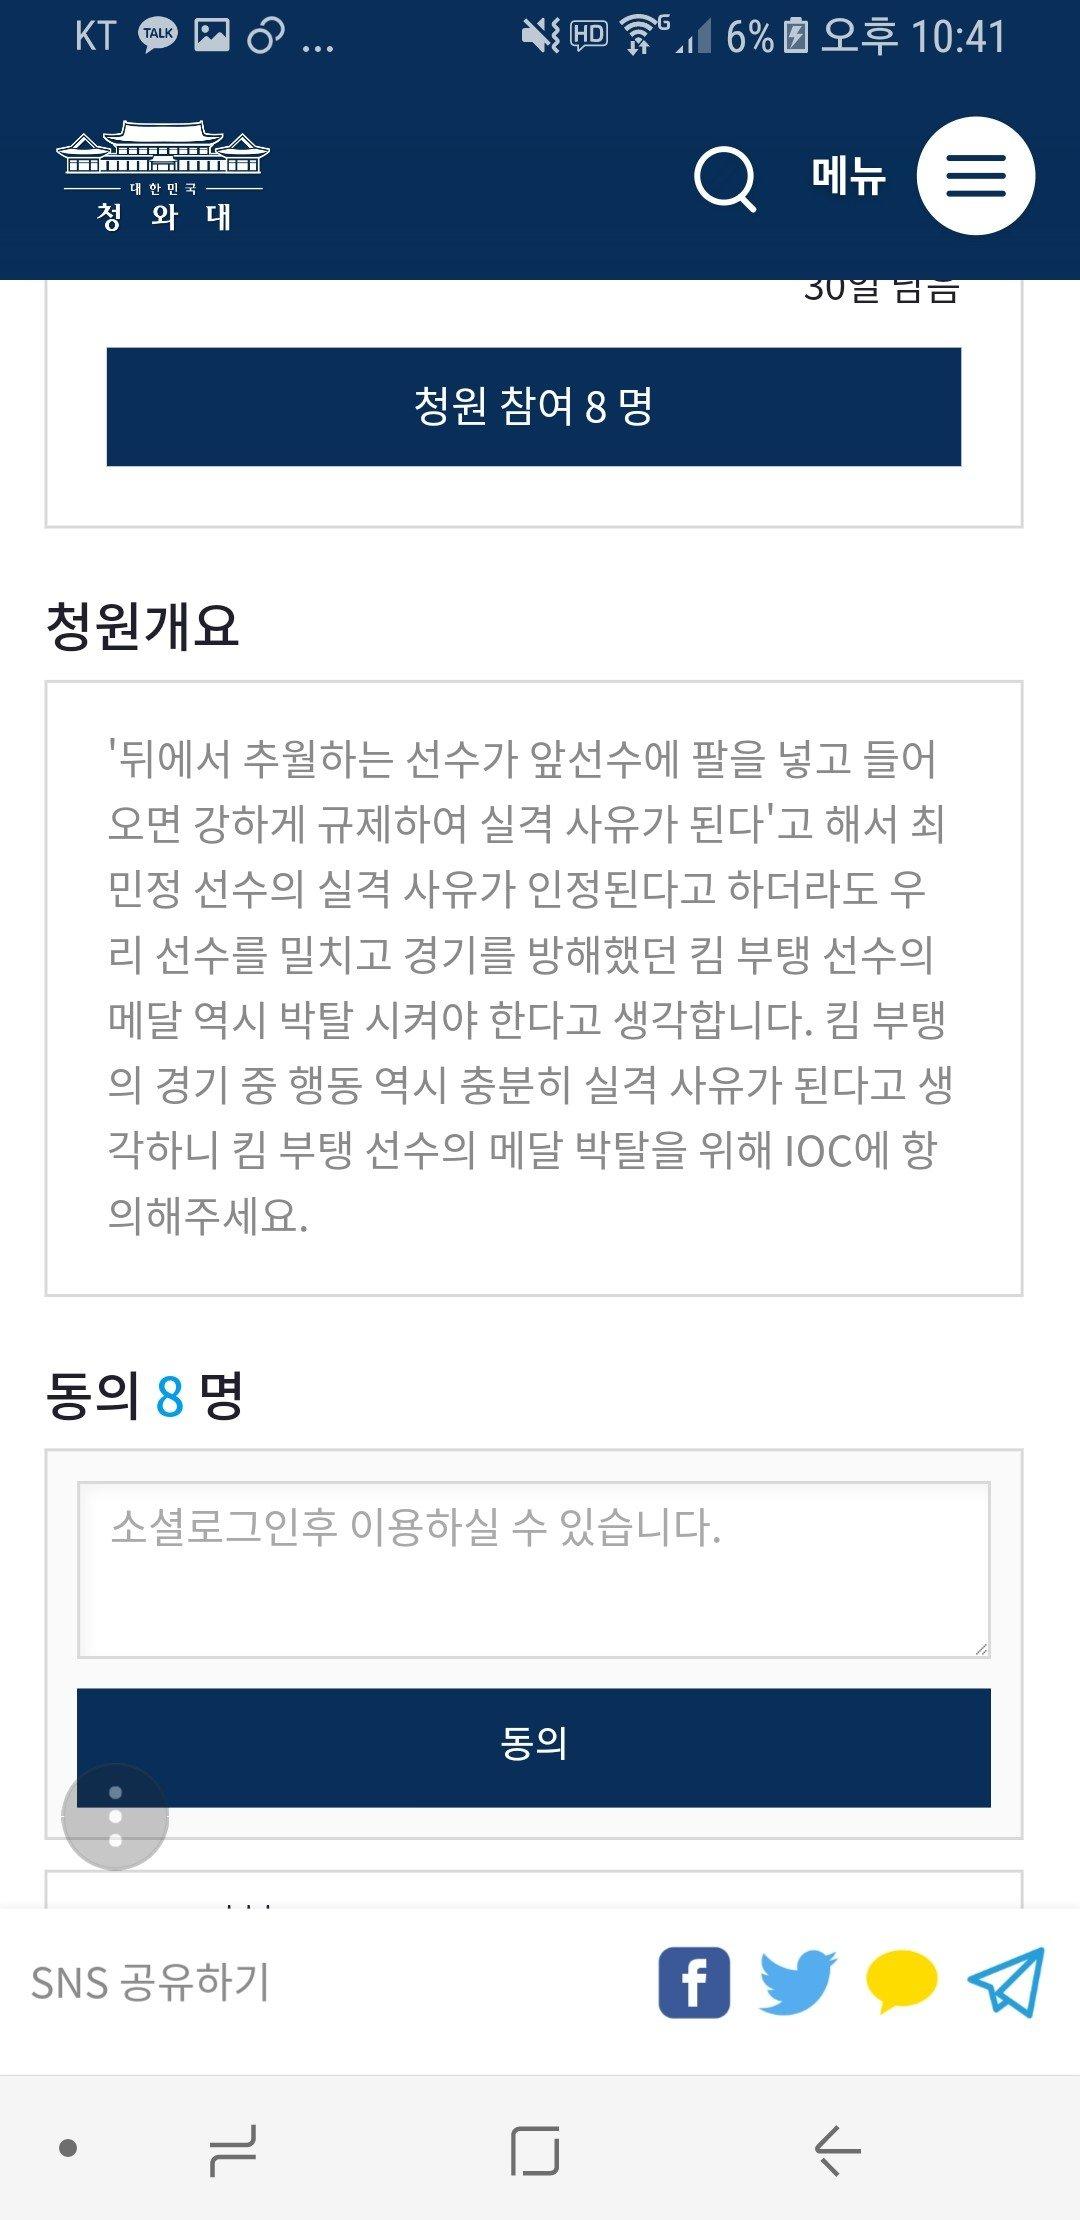 실시간 올라온 청원.jpg